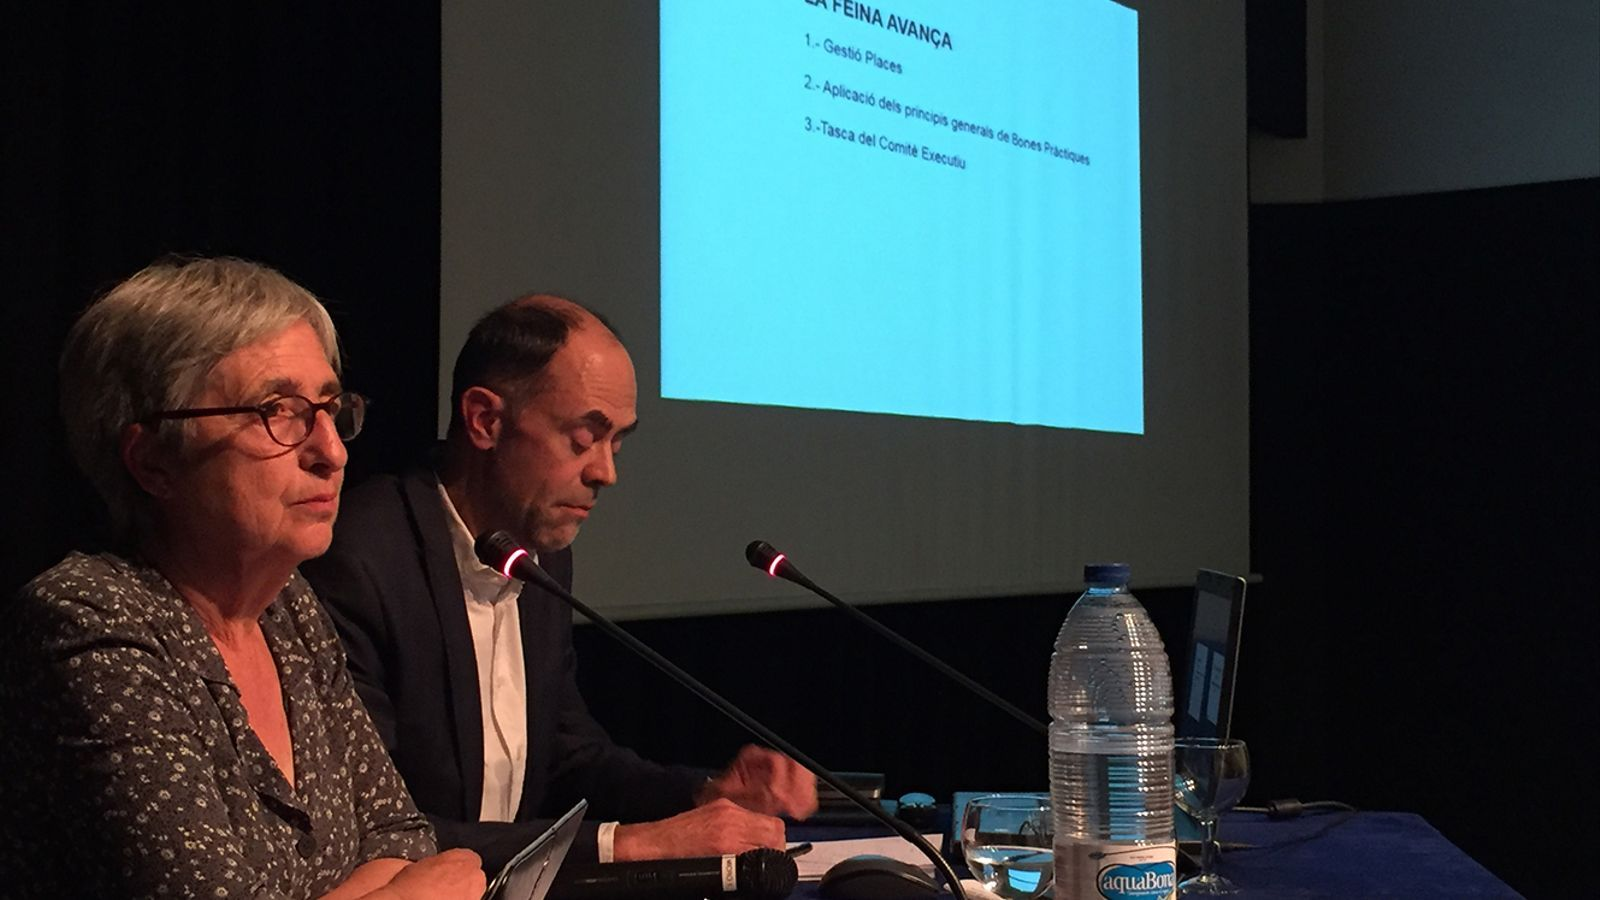 La presidenta de l'Associació de Comerciants del Centre Històric, Anna Riberaygua, i el secretari Enric Bartumeu, durant l'assemblea de l'entitat. / ACCH